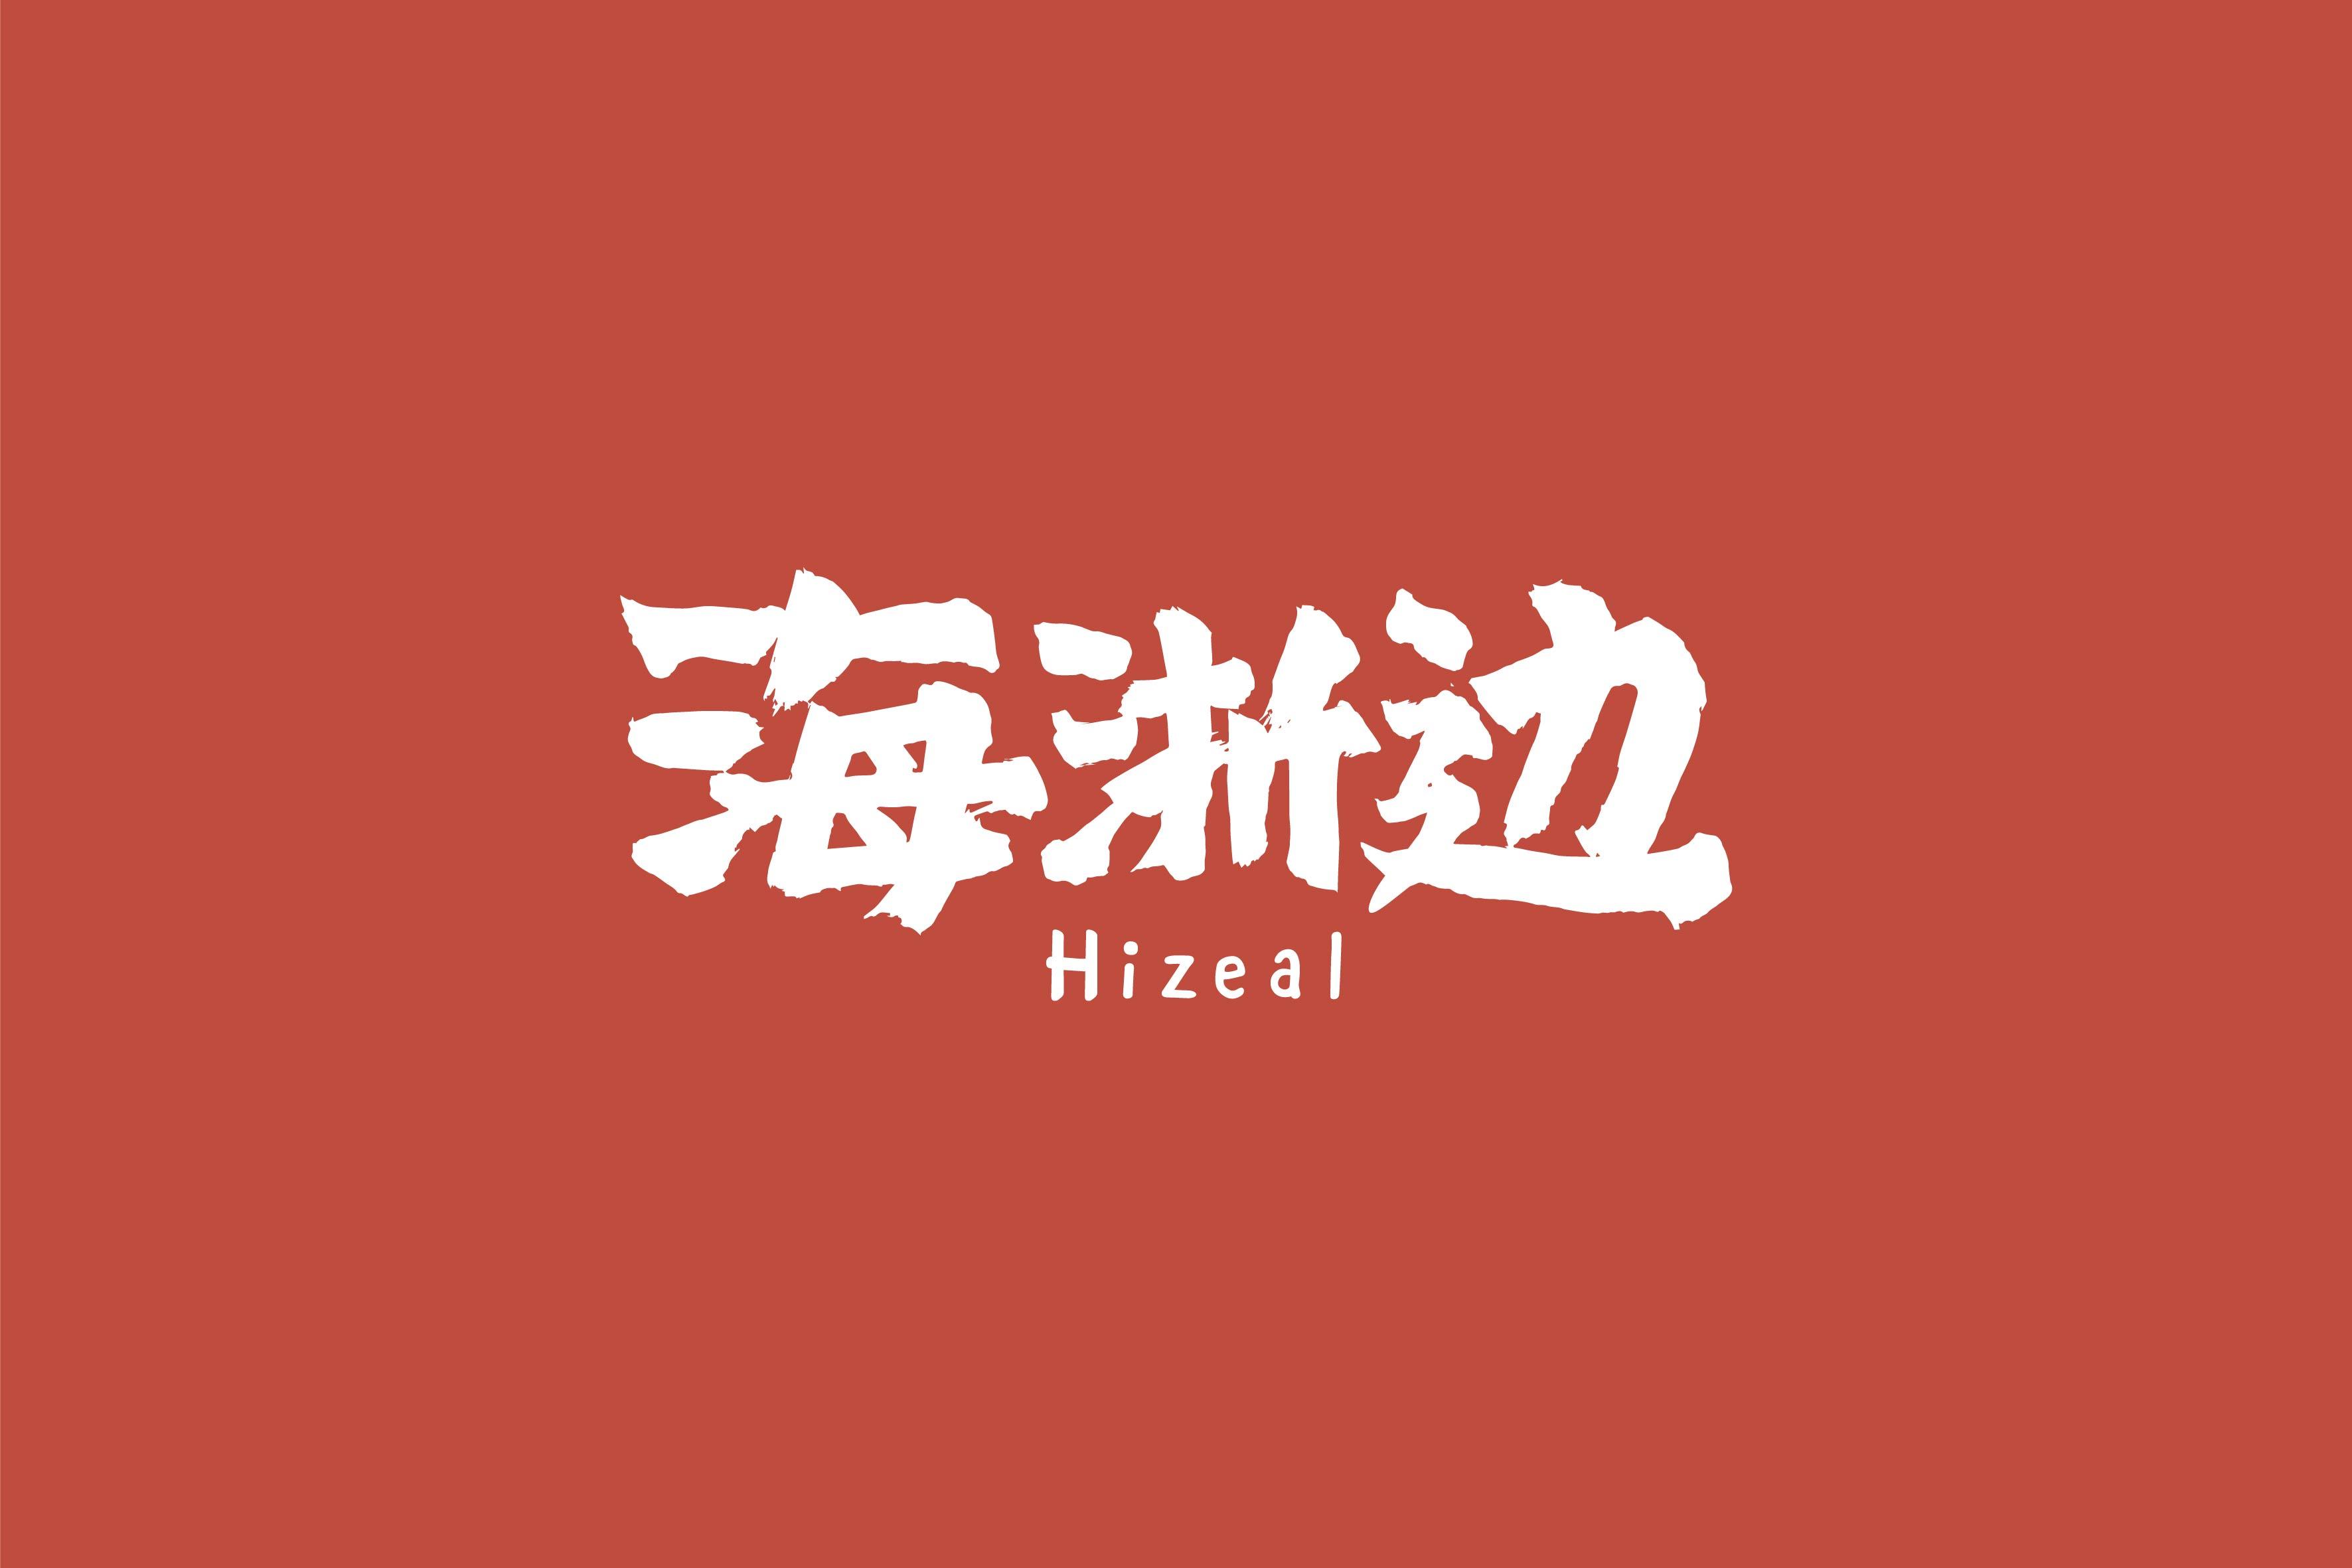 上海餐饮品牌战略定位